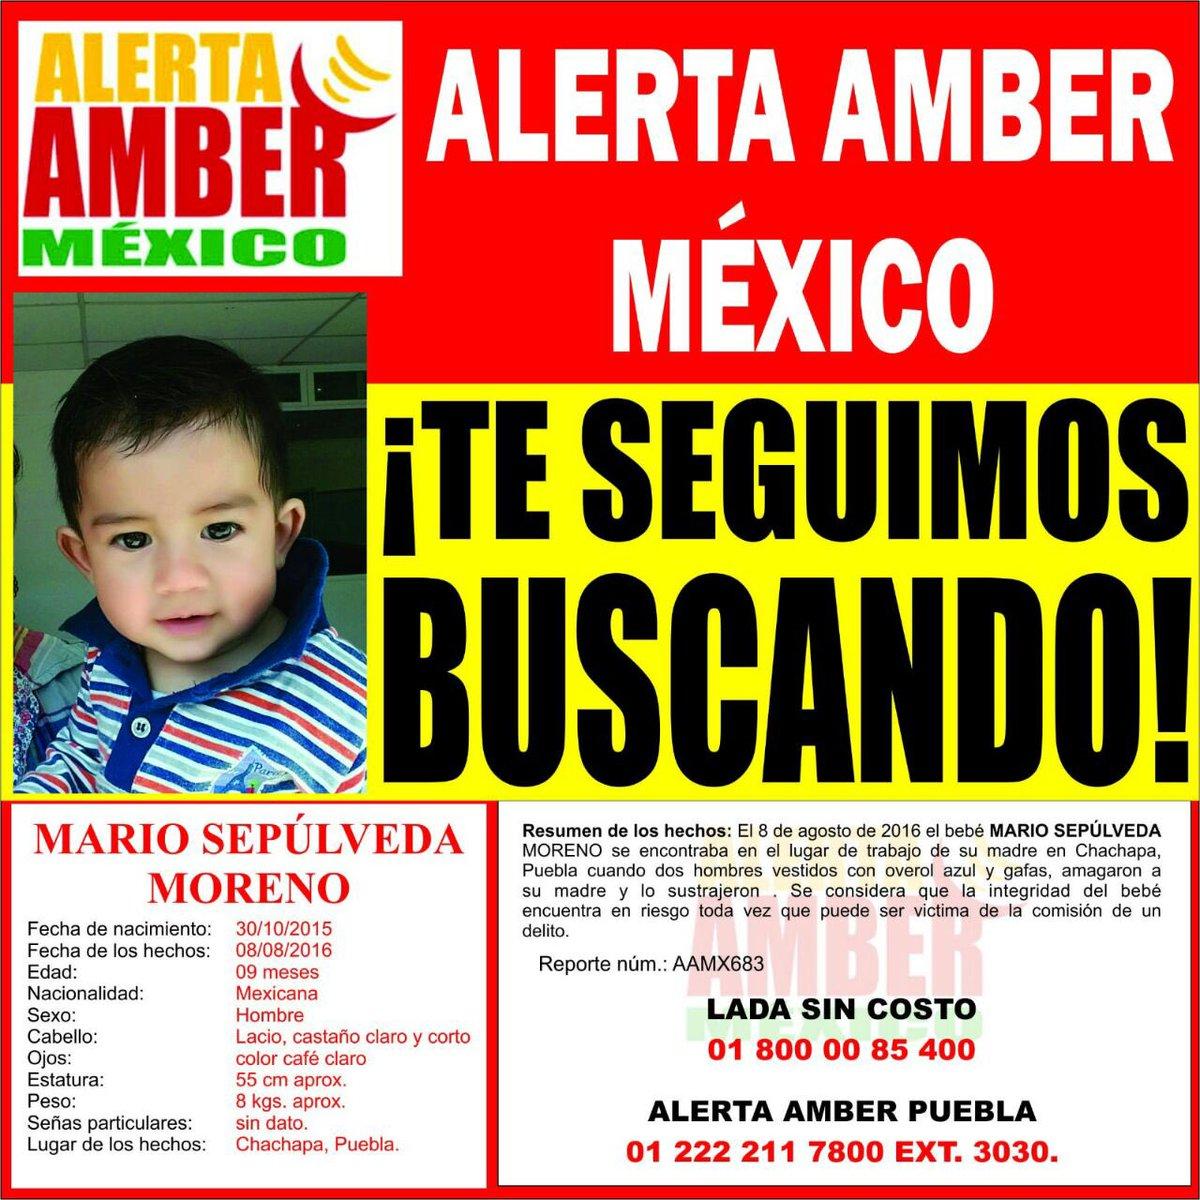 Por favor ayudemos a los padres de Mario a encontrarlo tiene solo 9 meses RT @AztecaNoticias @HechosAM @PGR_Pue https://t.co/ZcaS7Y9lMp